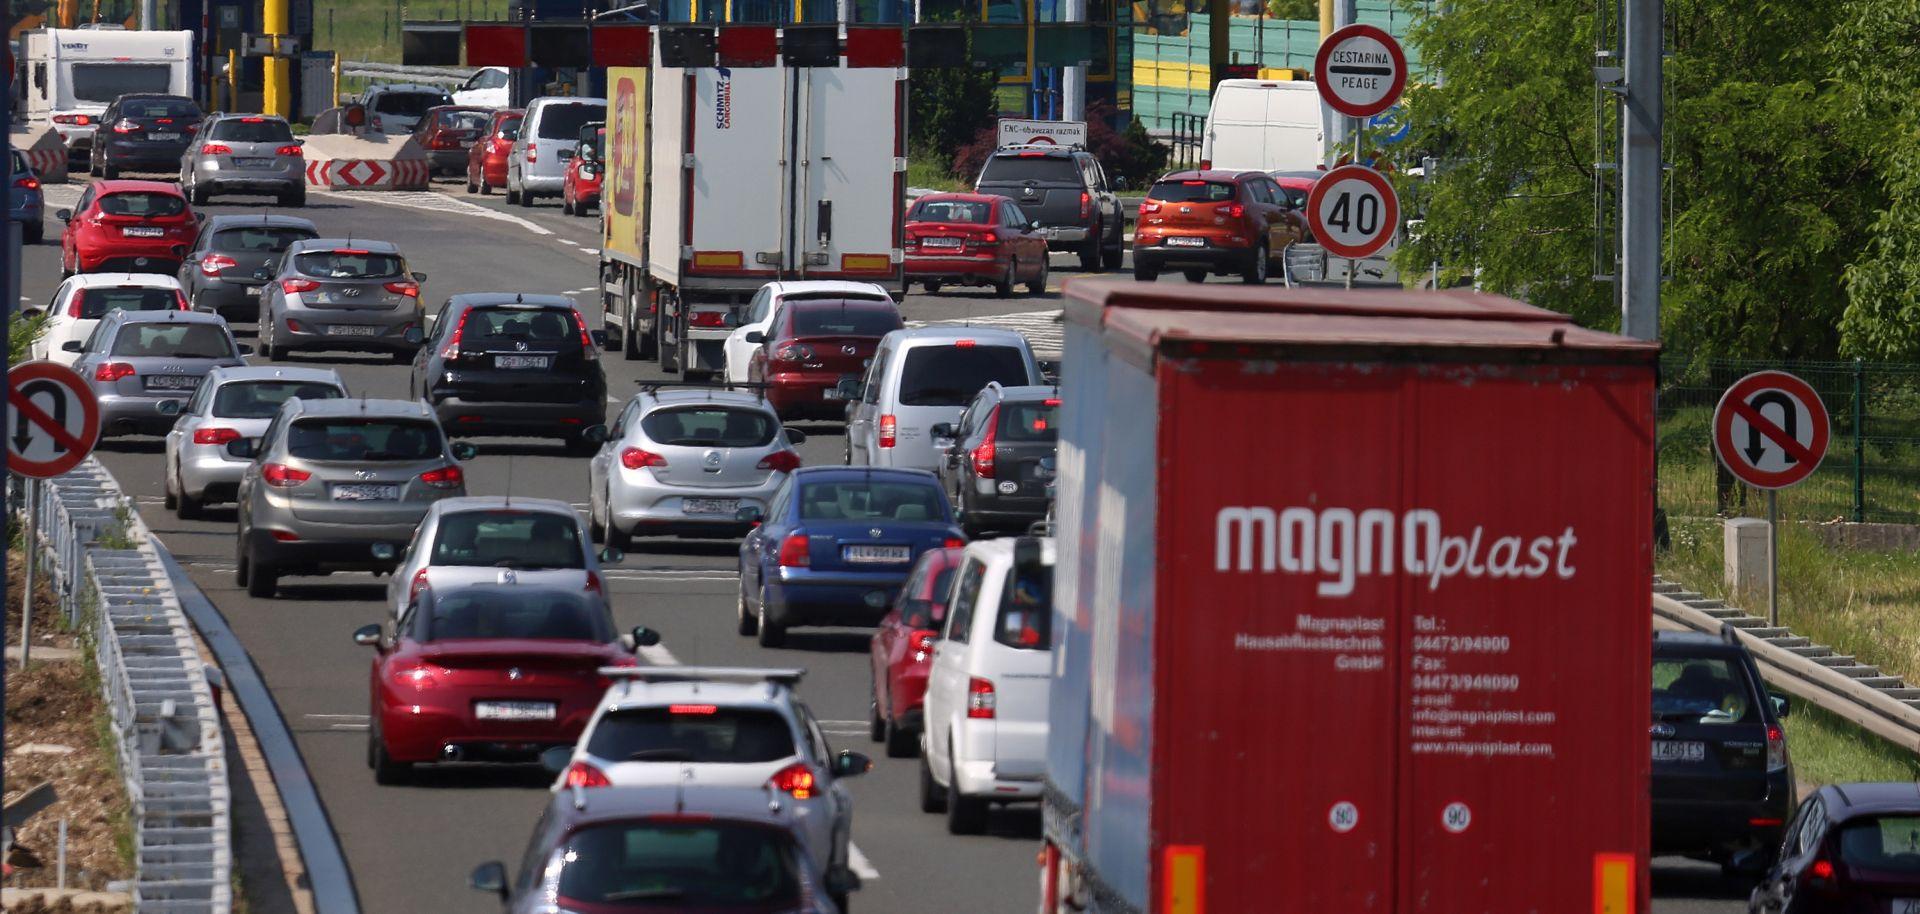 PRED NAMA ŠPICA SEZONE Hrvatski autoklub upozorava na nove gužve, savjetuje kada krenuti na put